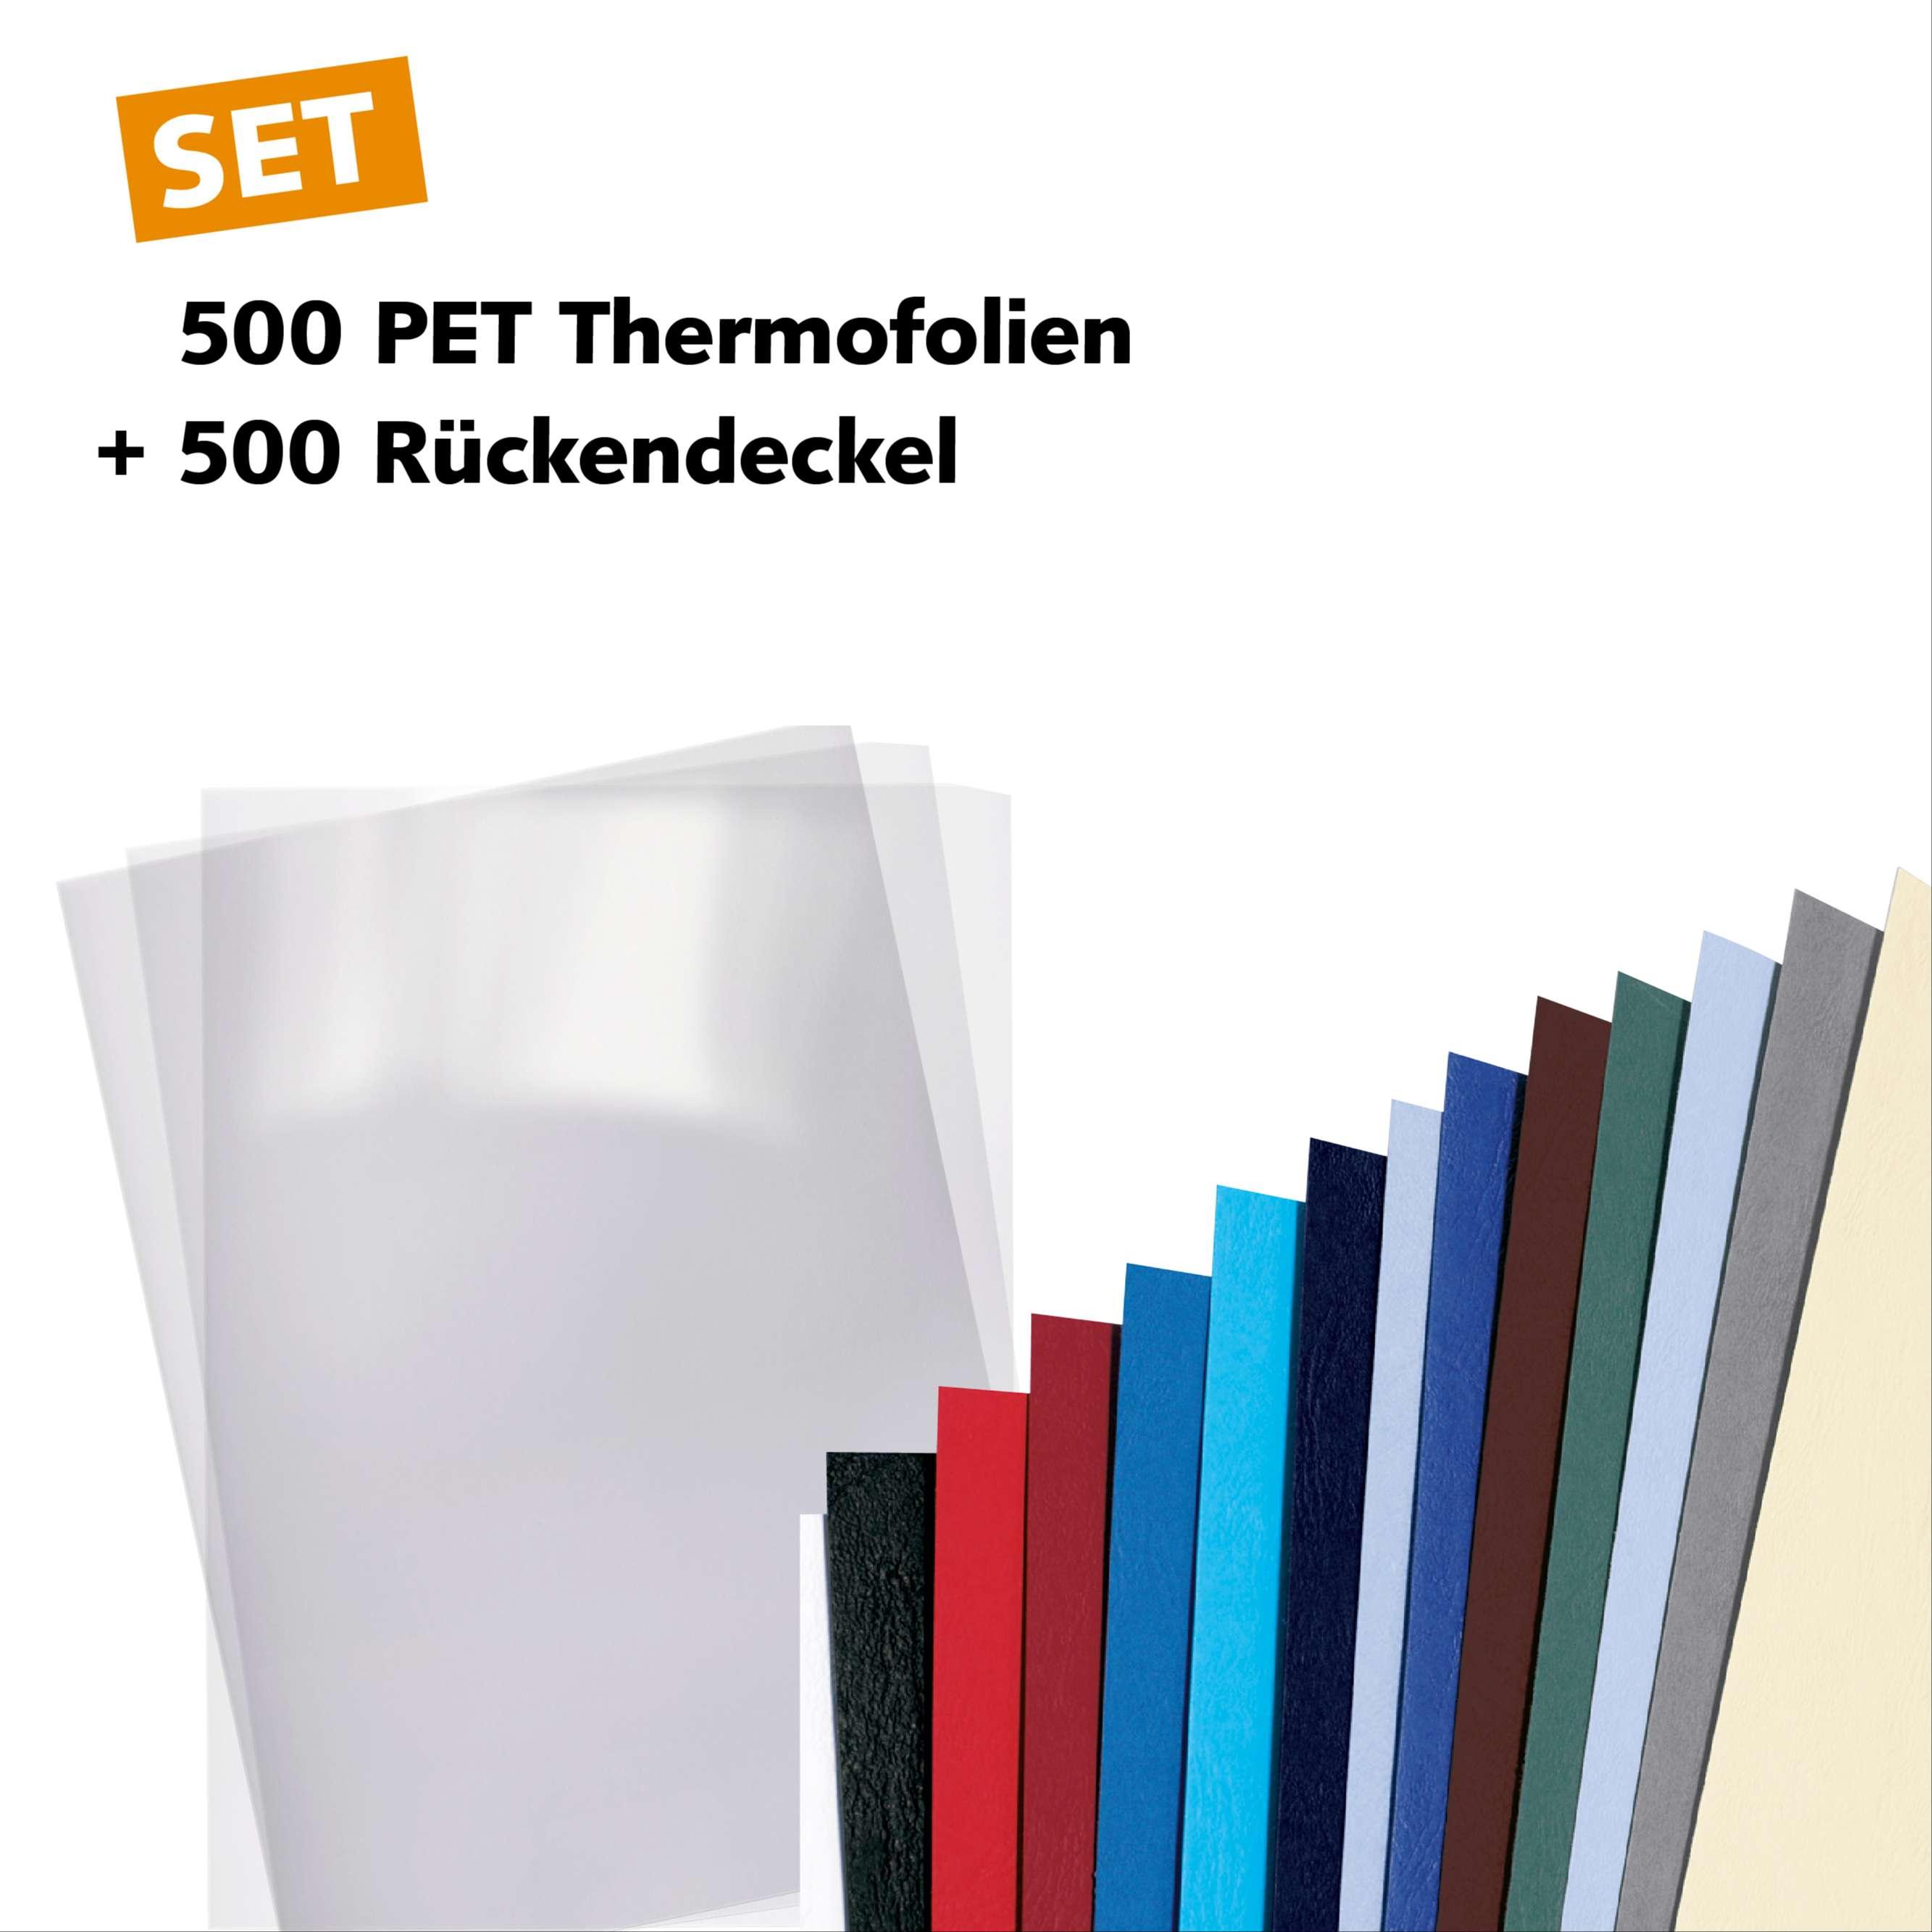 500 PET-Thermofolien und Rückendeckel - Startset